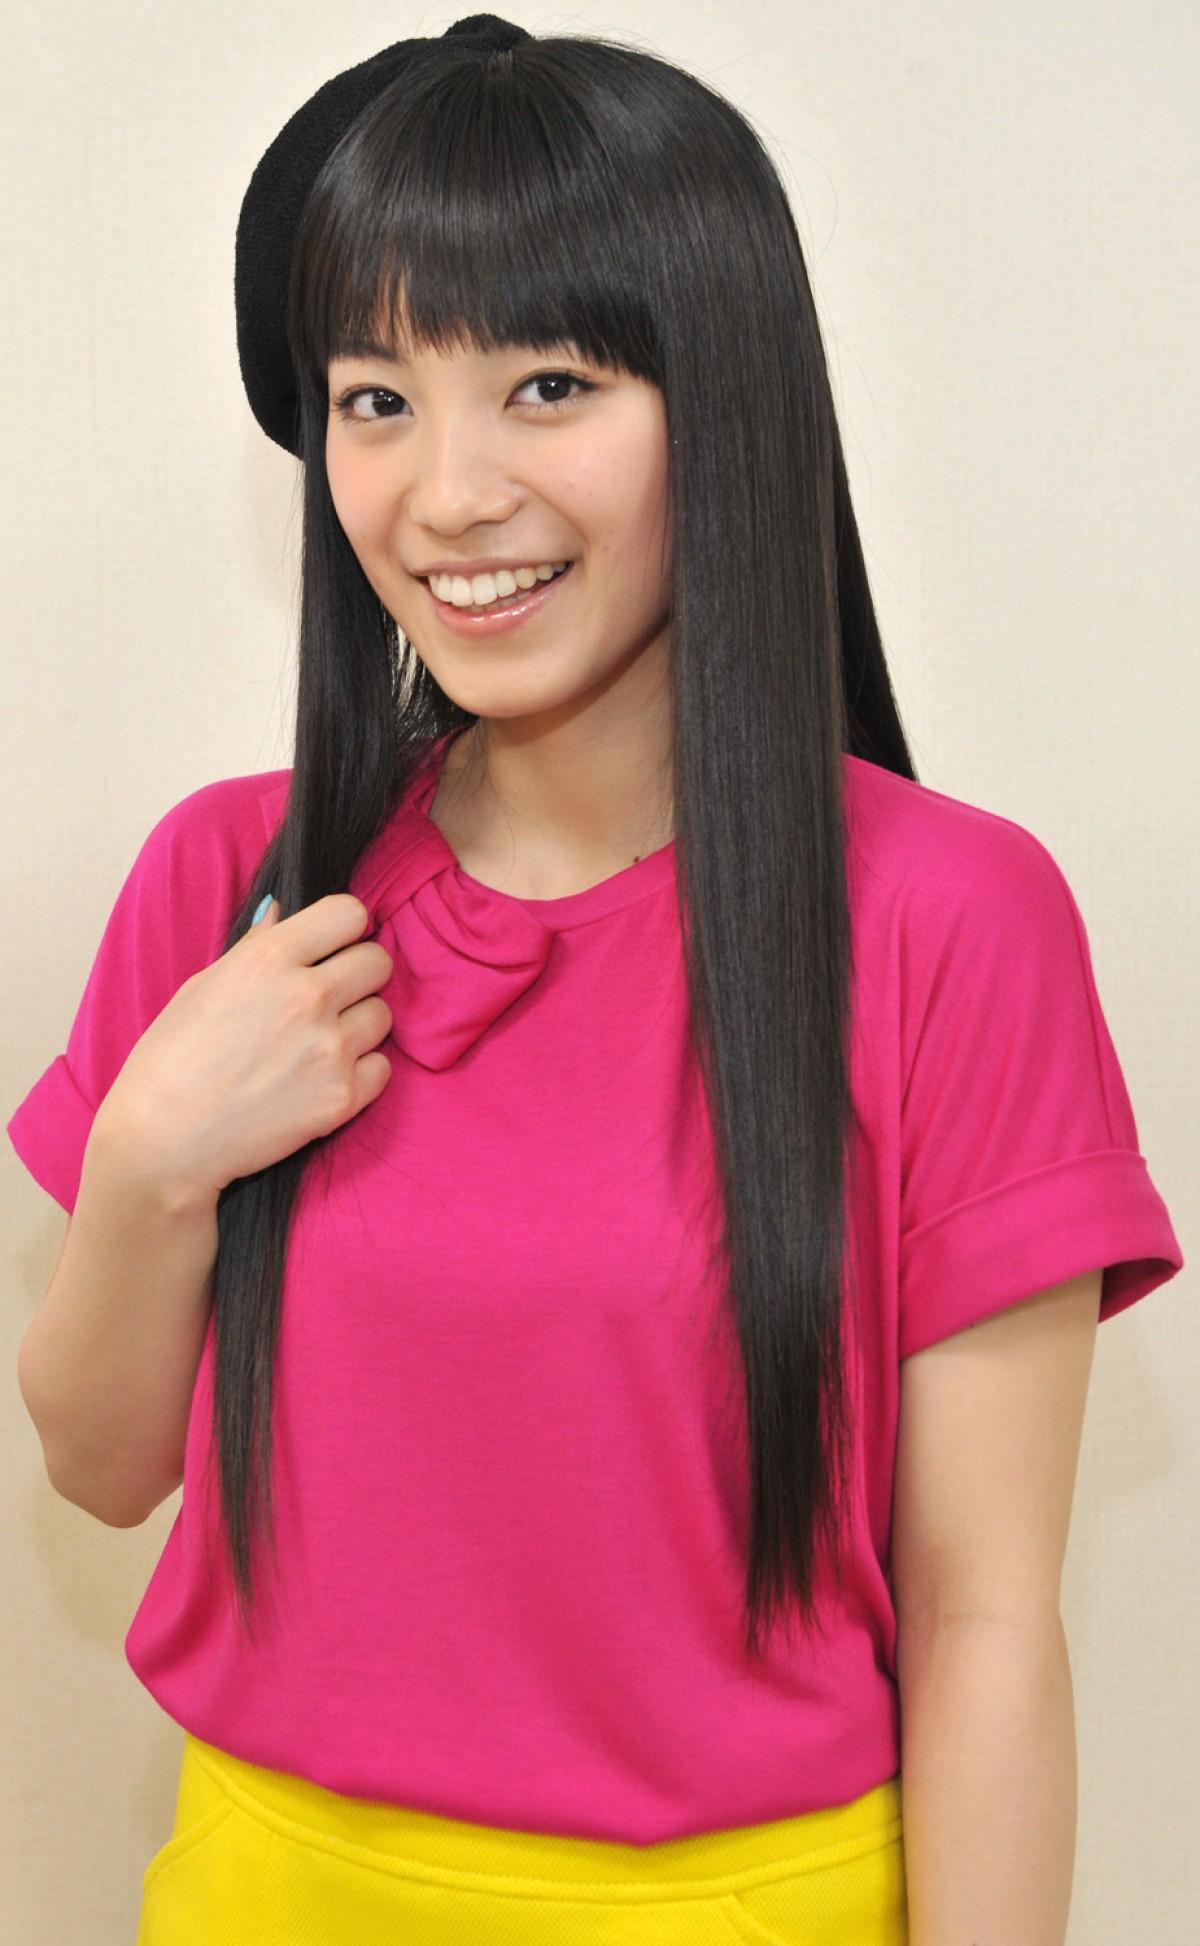 miwaは有名大学の卒業生だった!大学受験に隠された真実も判明!のサムネイル画像